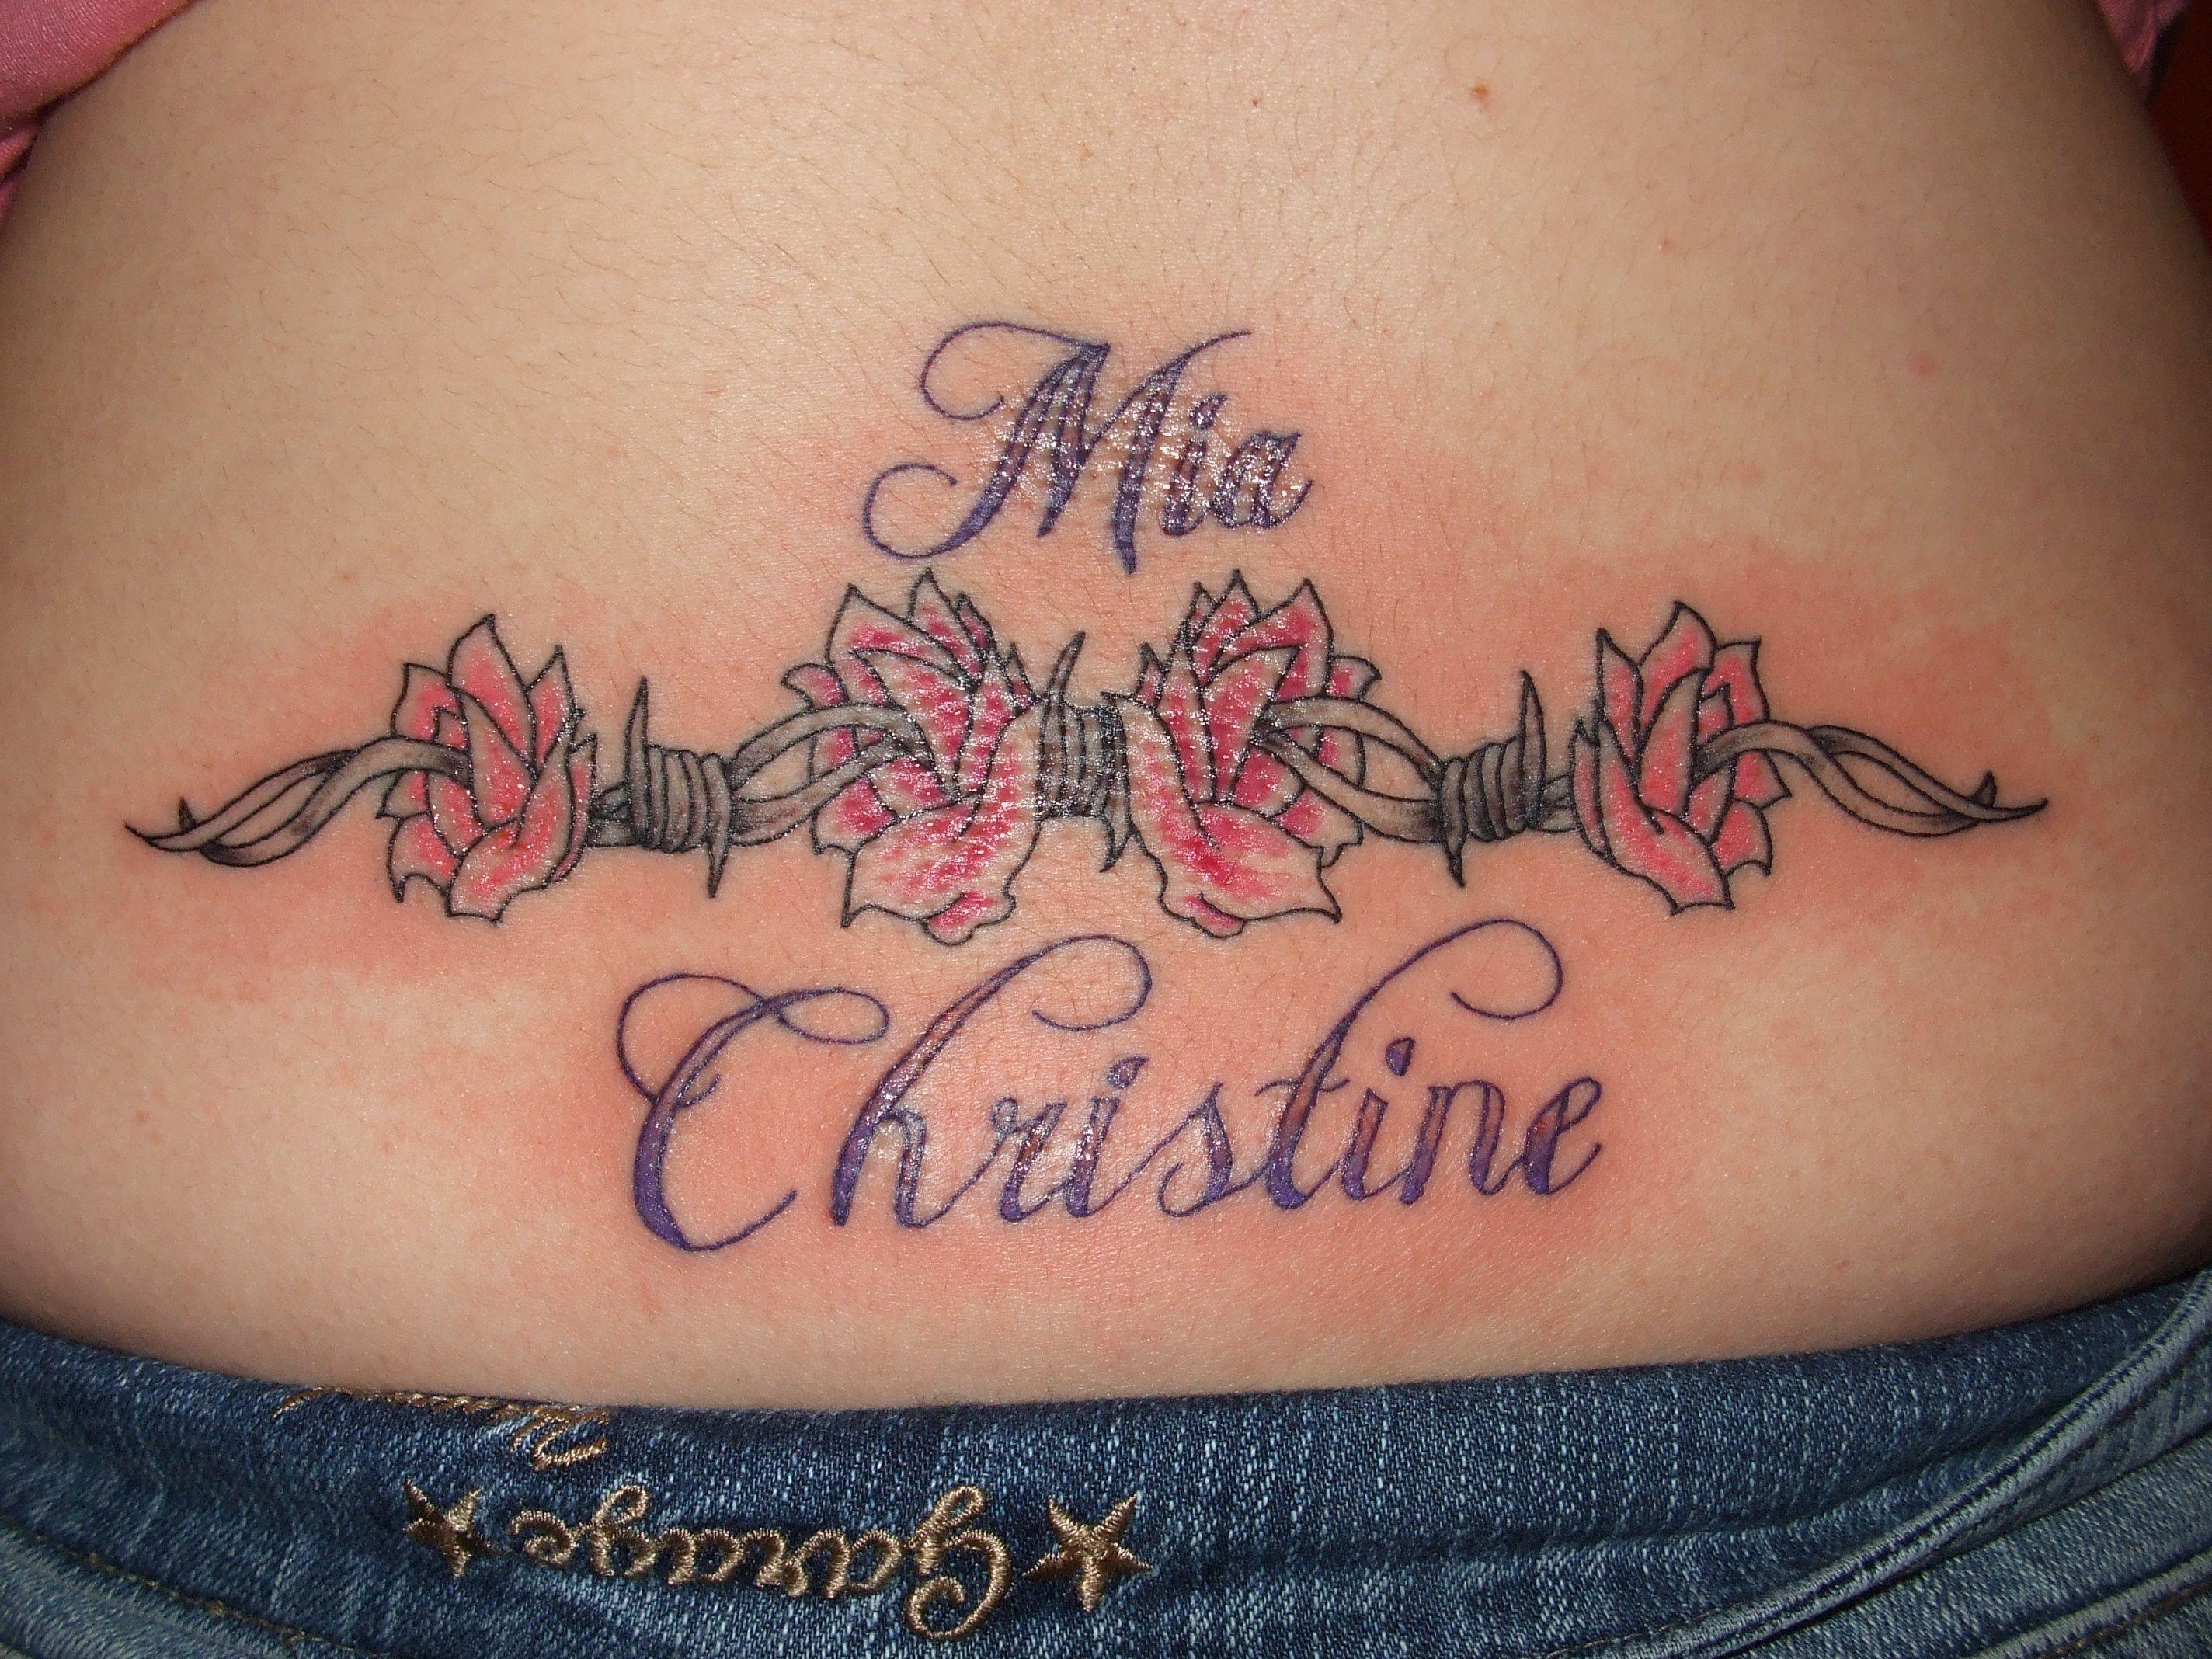 Tattoo designs on the back - Tattoo Lower Back Tattoo Designs